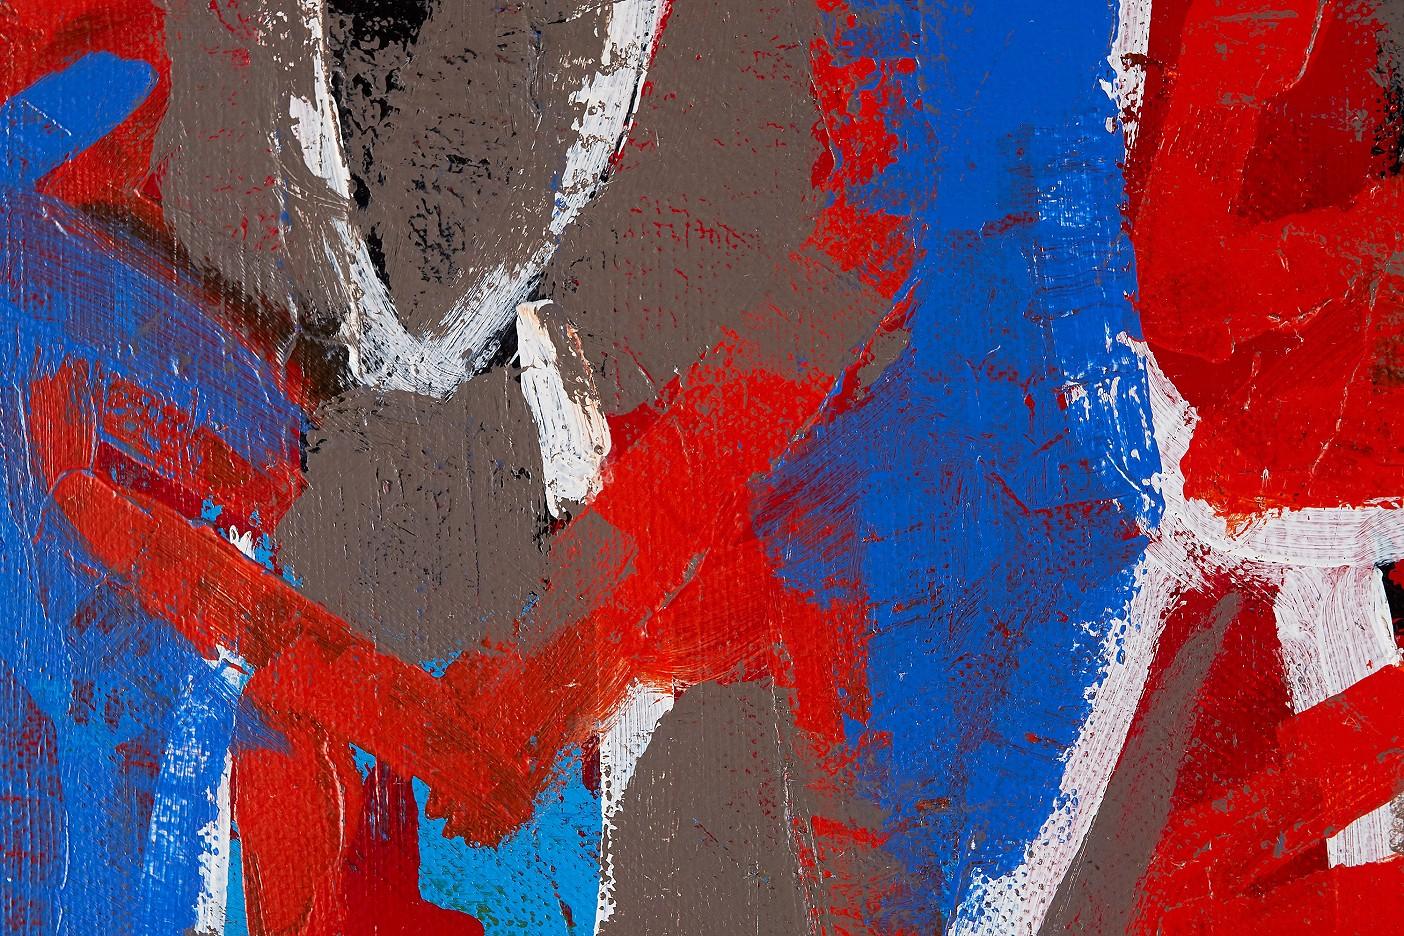 Dünnhäutige Menschen blau (liebende Außenseiter)